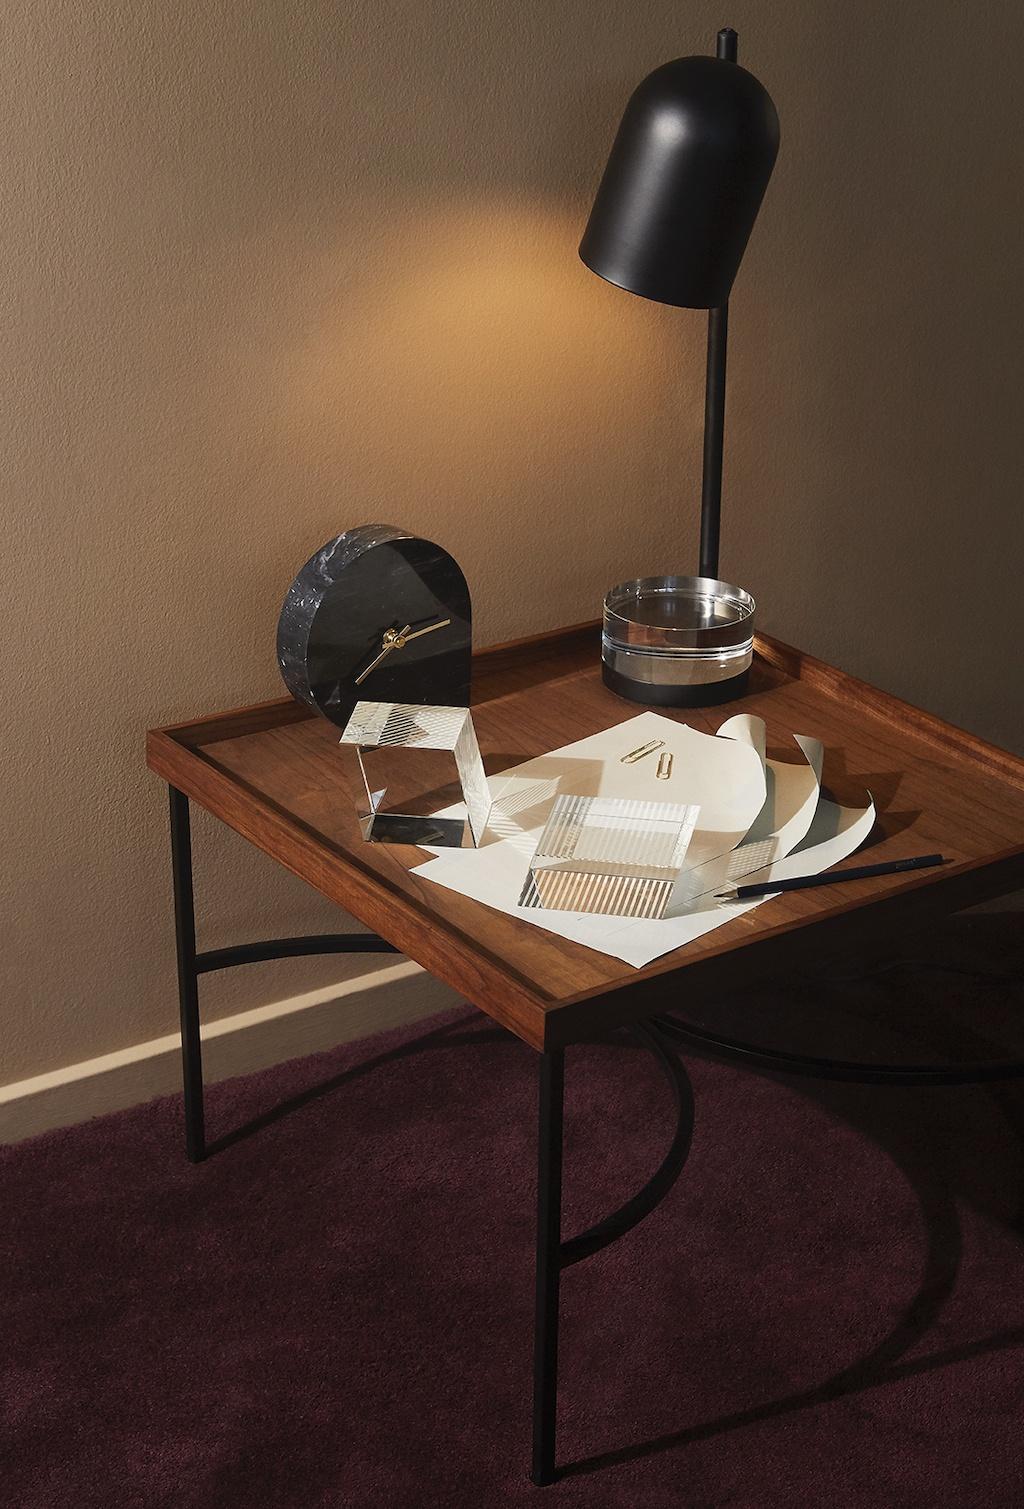 Die neuen Leuchten - Luceo Tischleuchte von AYTM in schwarz steht auf kleinem Beistelltisch